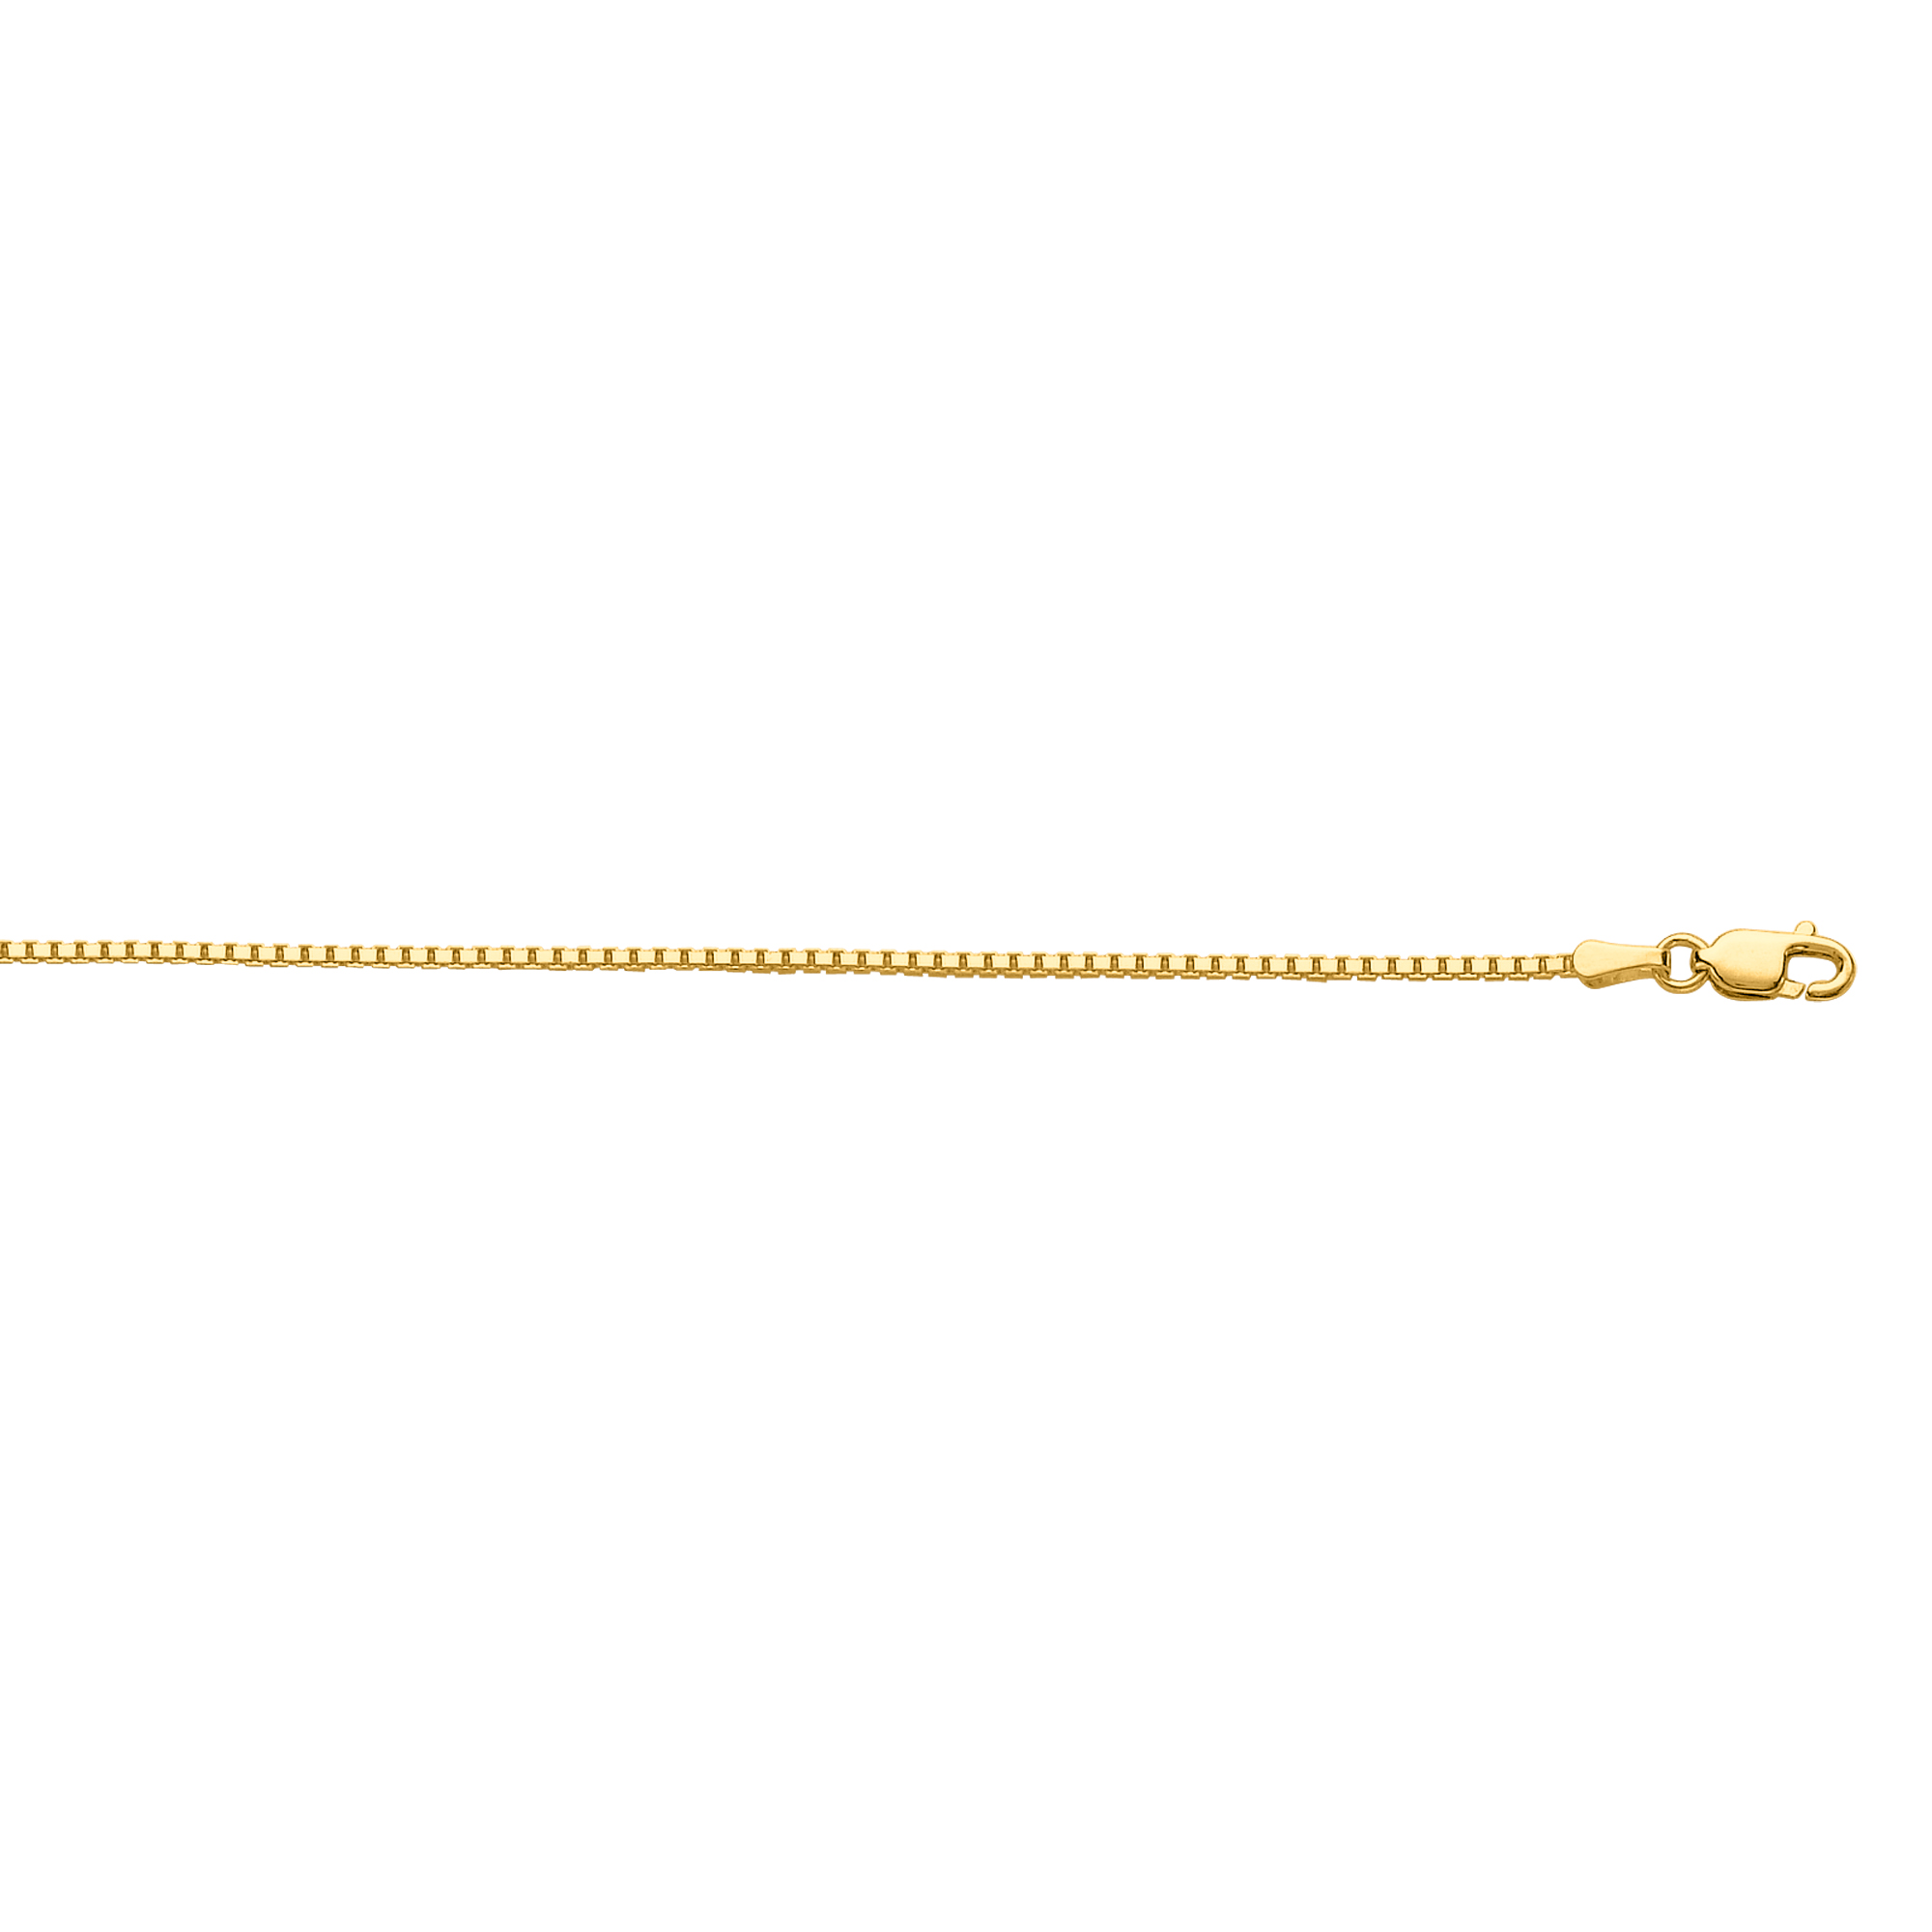 LUXURMAN Solid 10k Gold Box Chain For Men & Women Octagonal 1.2mm Wide